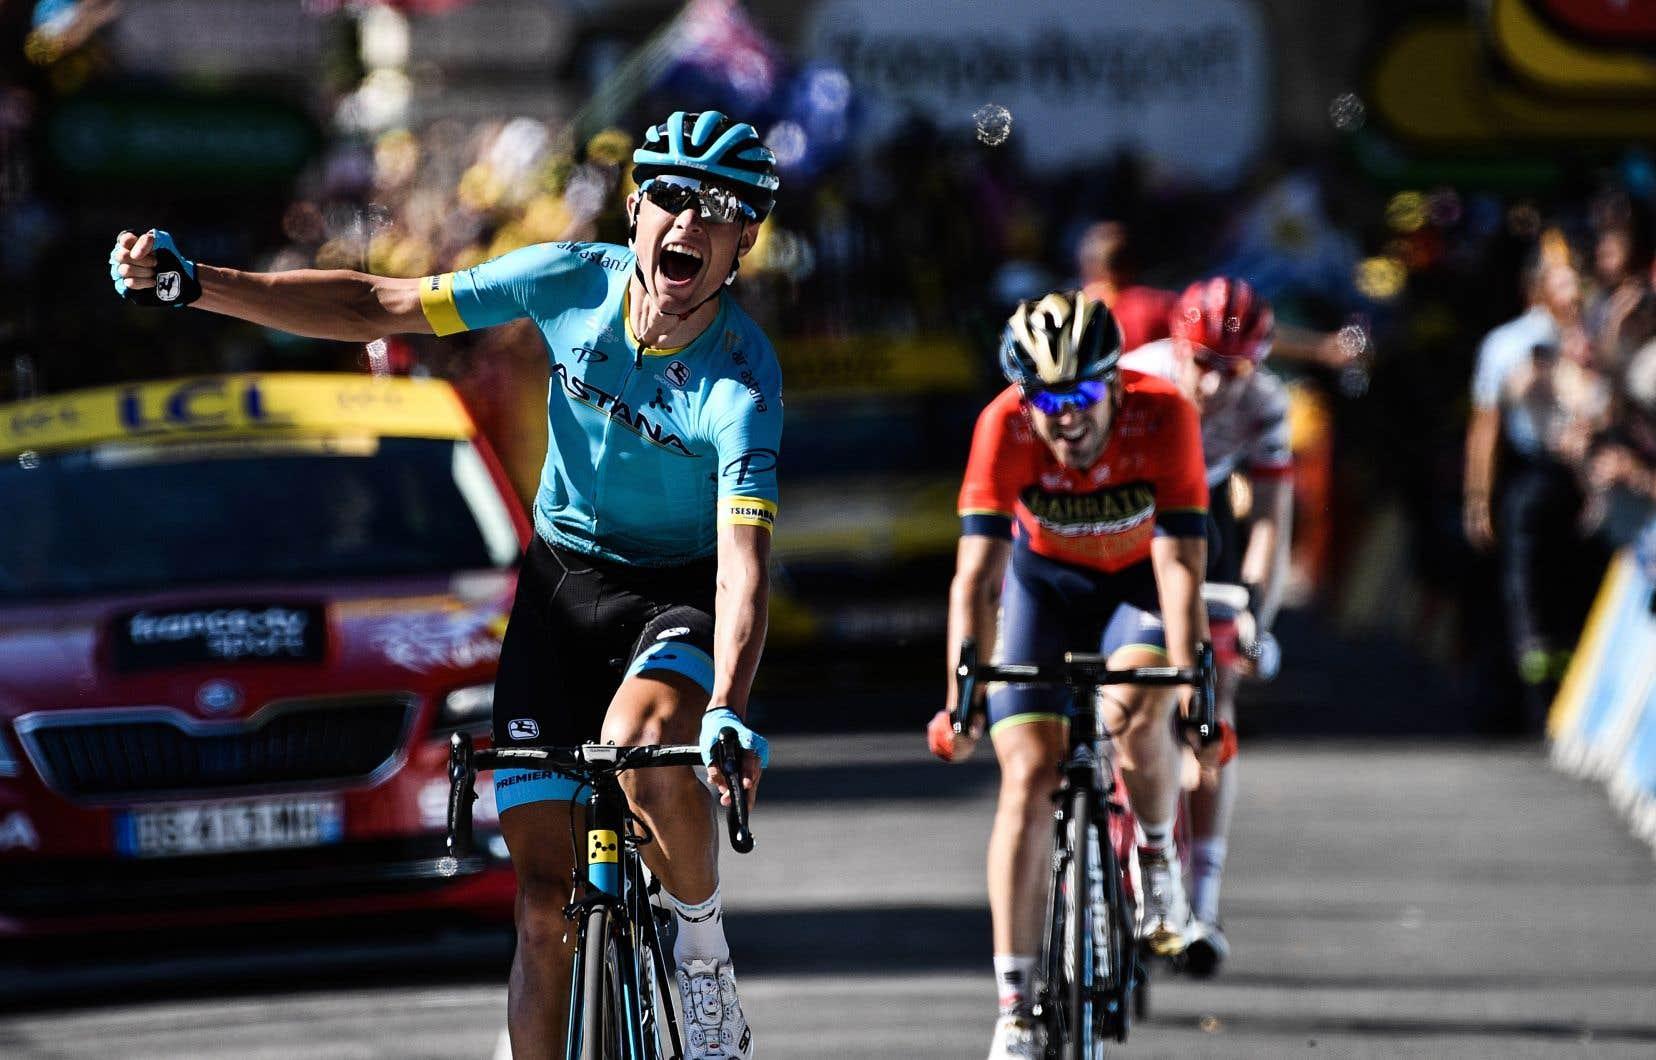 Magnus Cort Nielsen a signé la première victoire danoise depuis neuf ans au Tour de France, devant le Néerlandais Bauke Mollema et l'Espagnol Ion Izagirre.